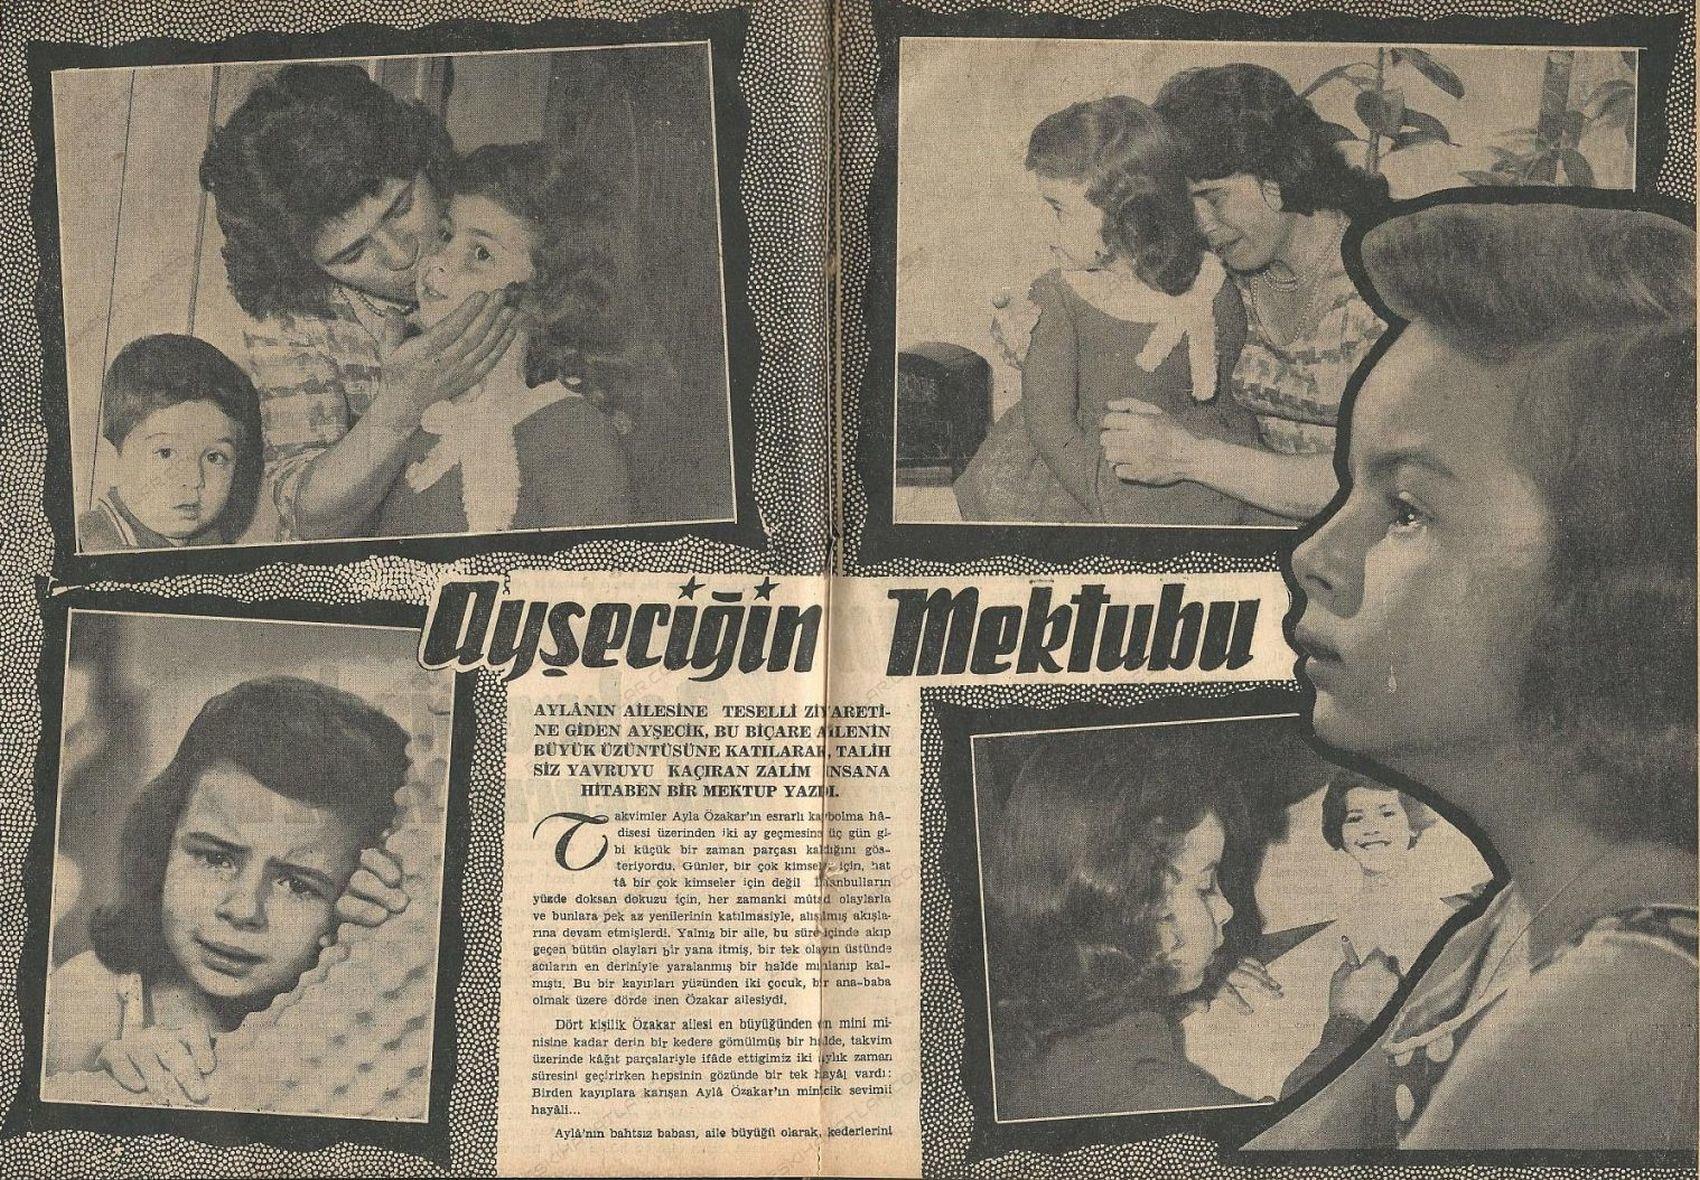 0219-aysecik-zeynep-degirmencioglu-fotograflari-1961-artist-dergisi-kayip-kiz-leyla (4)